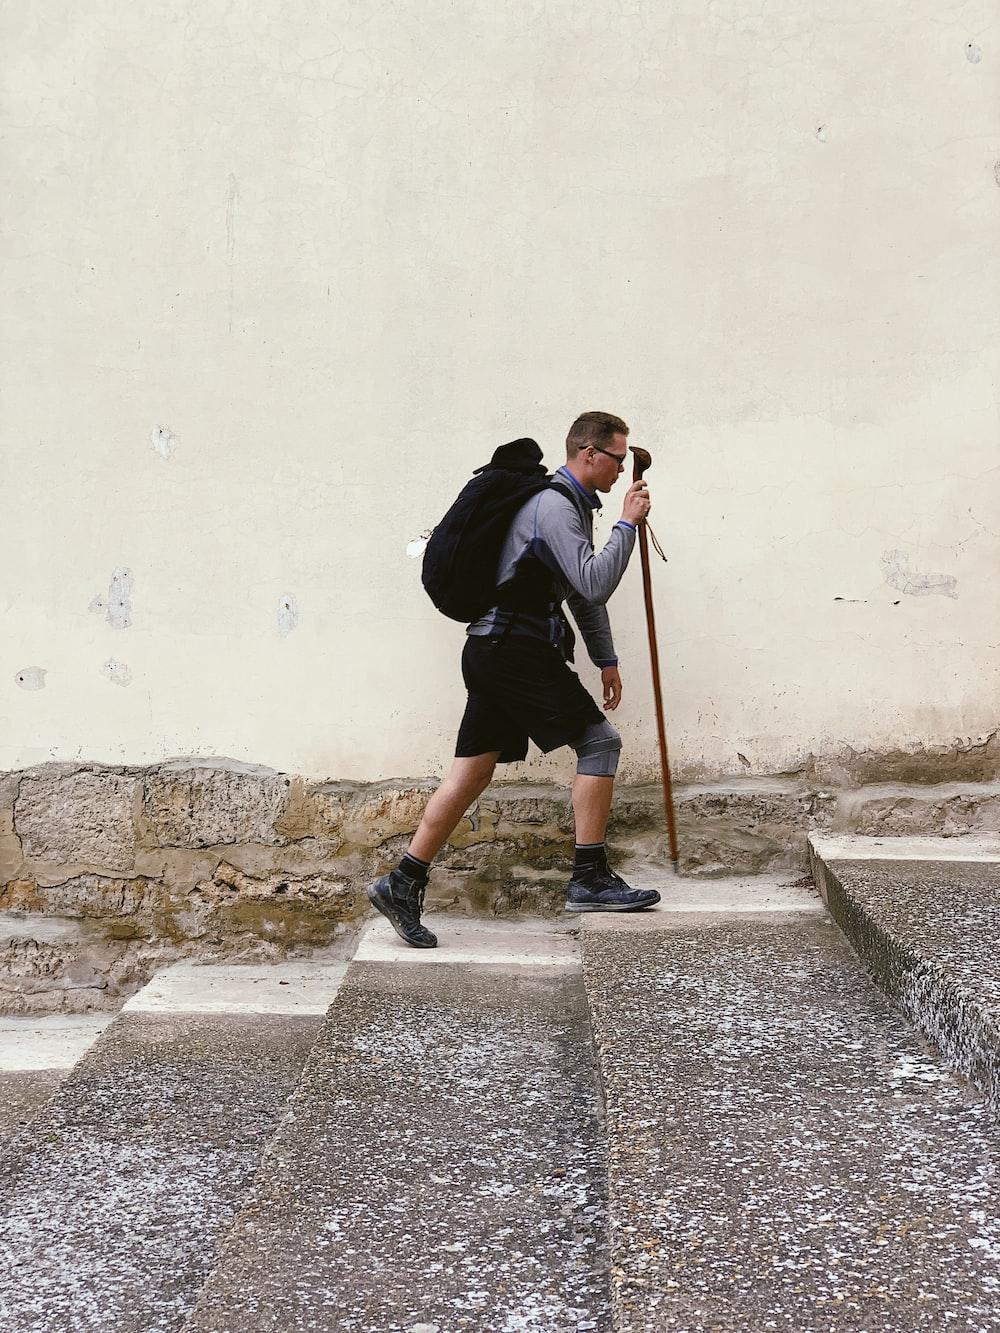 man walking on stairs while holding walking cane